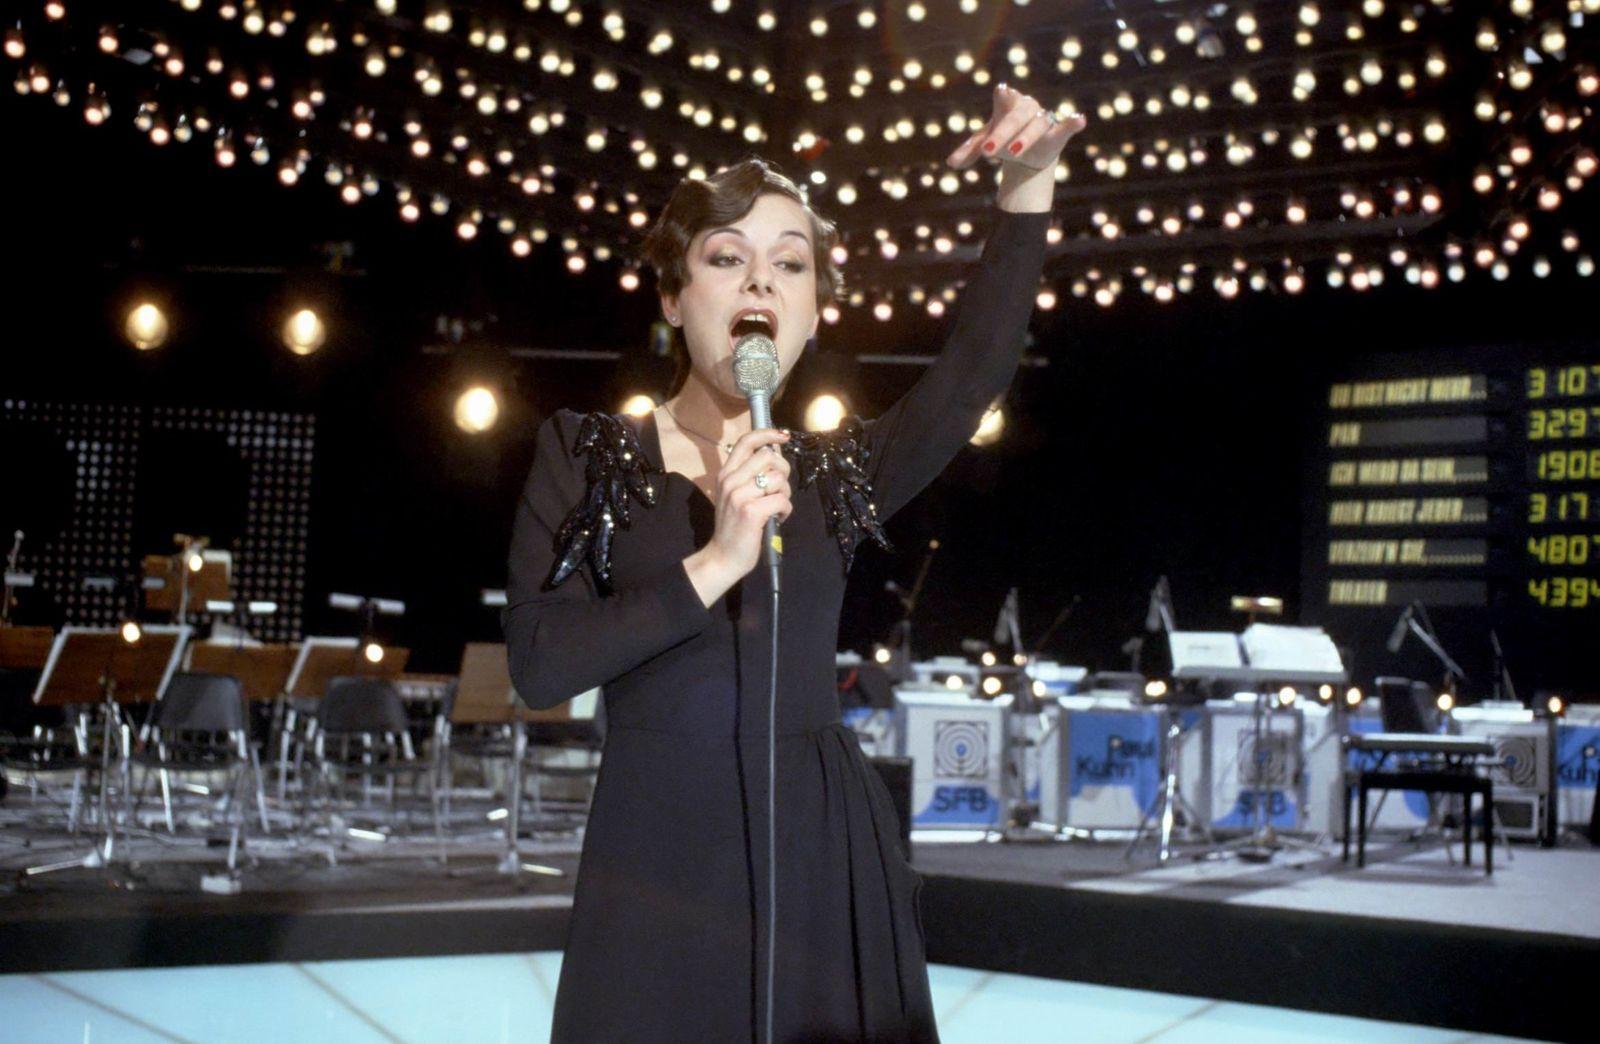 Marianne Rosenberg, Auftritt, 01.01.1980, singen, Bühne, Sängeri